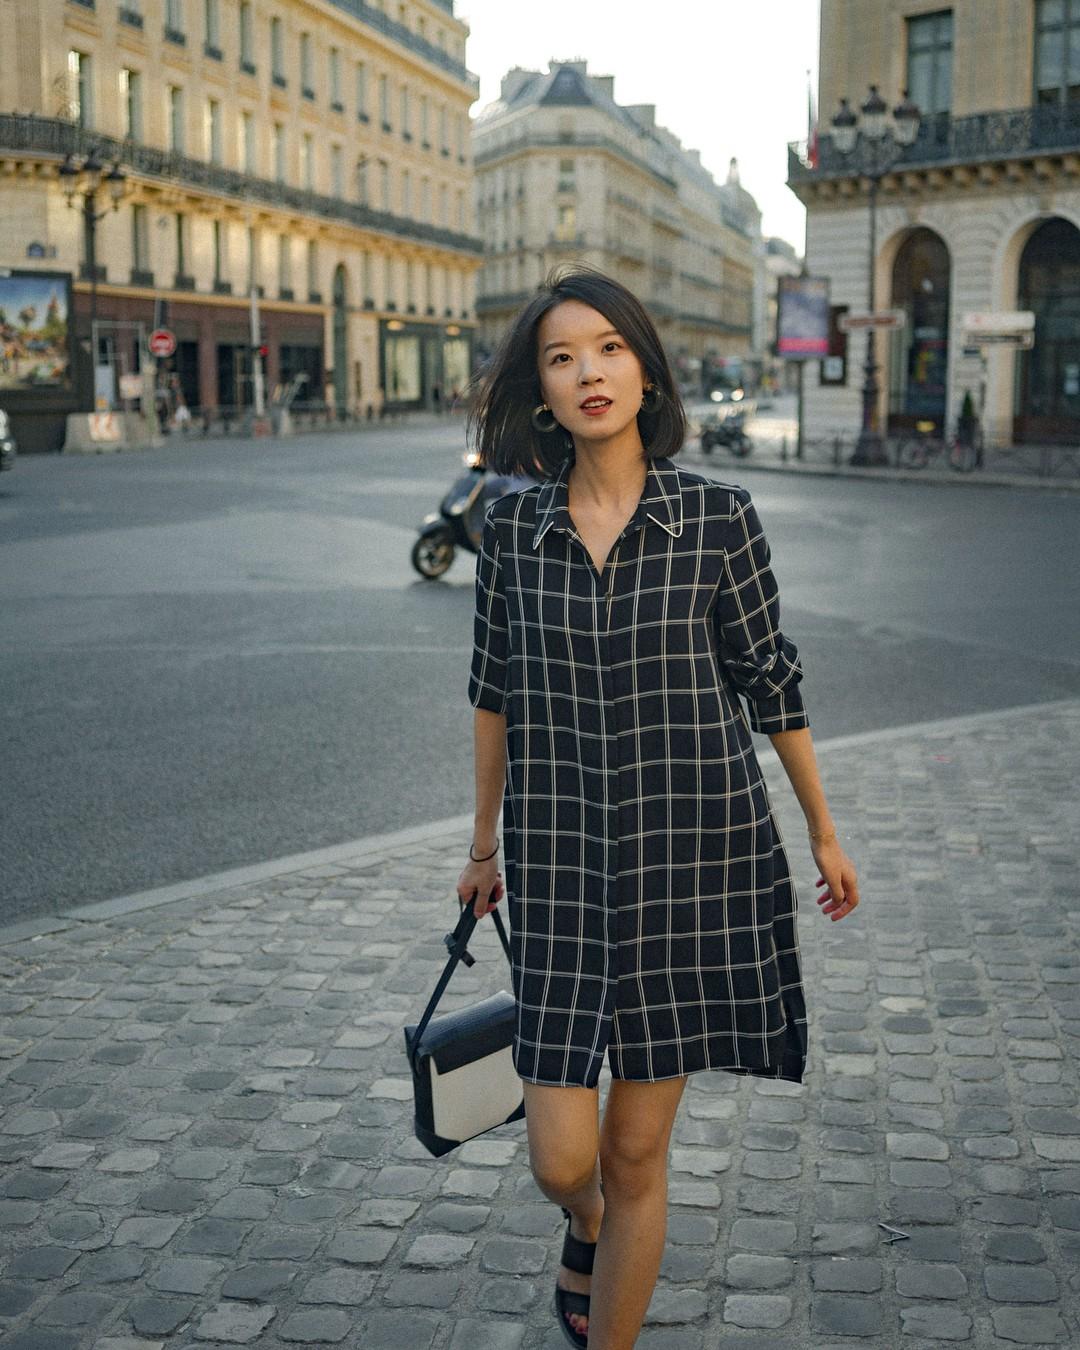 Đây là 5 mẫu váy đang được săn đón nhiệt tình nhất trên mạng xã hội, các nàng bánh bèo chớ nên bỏ qua